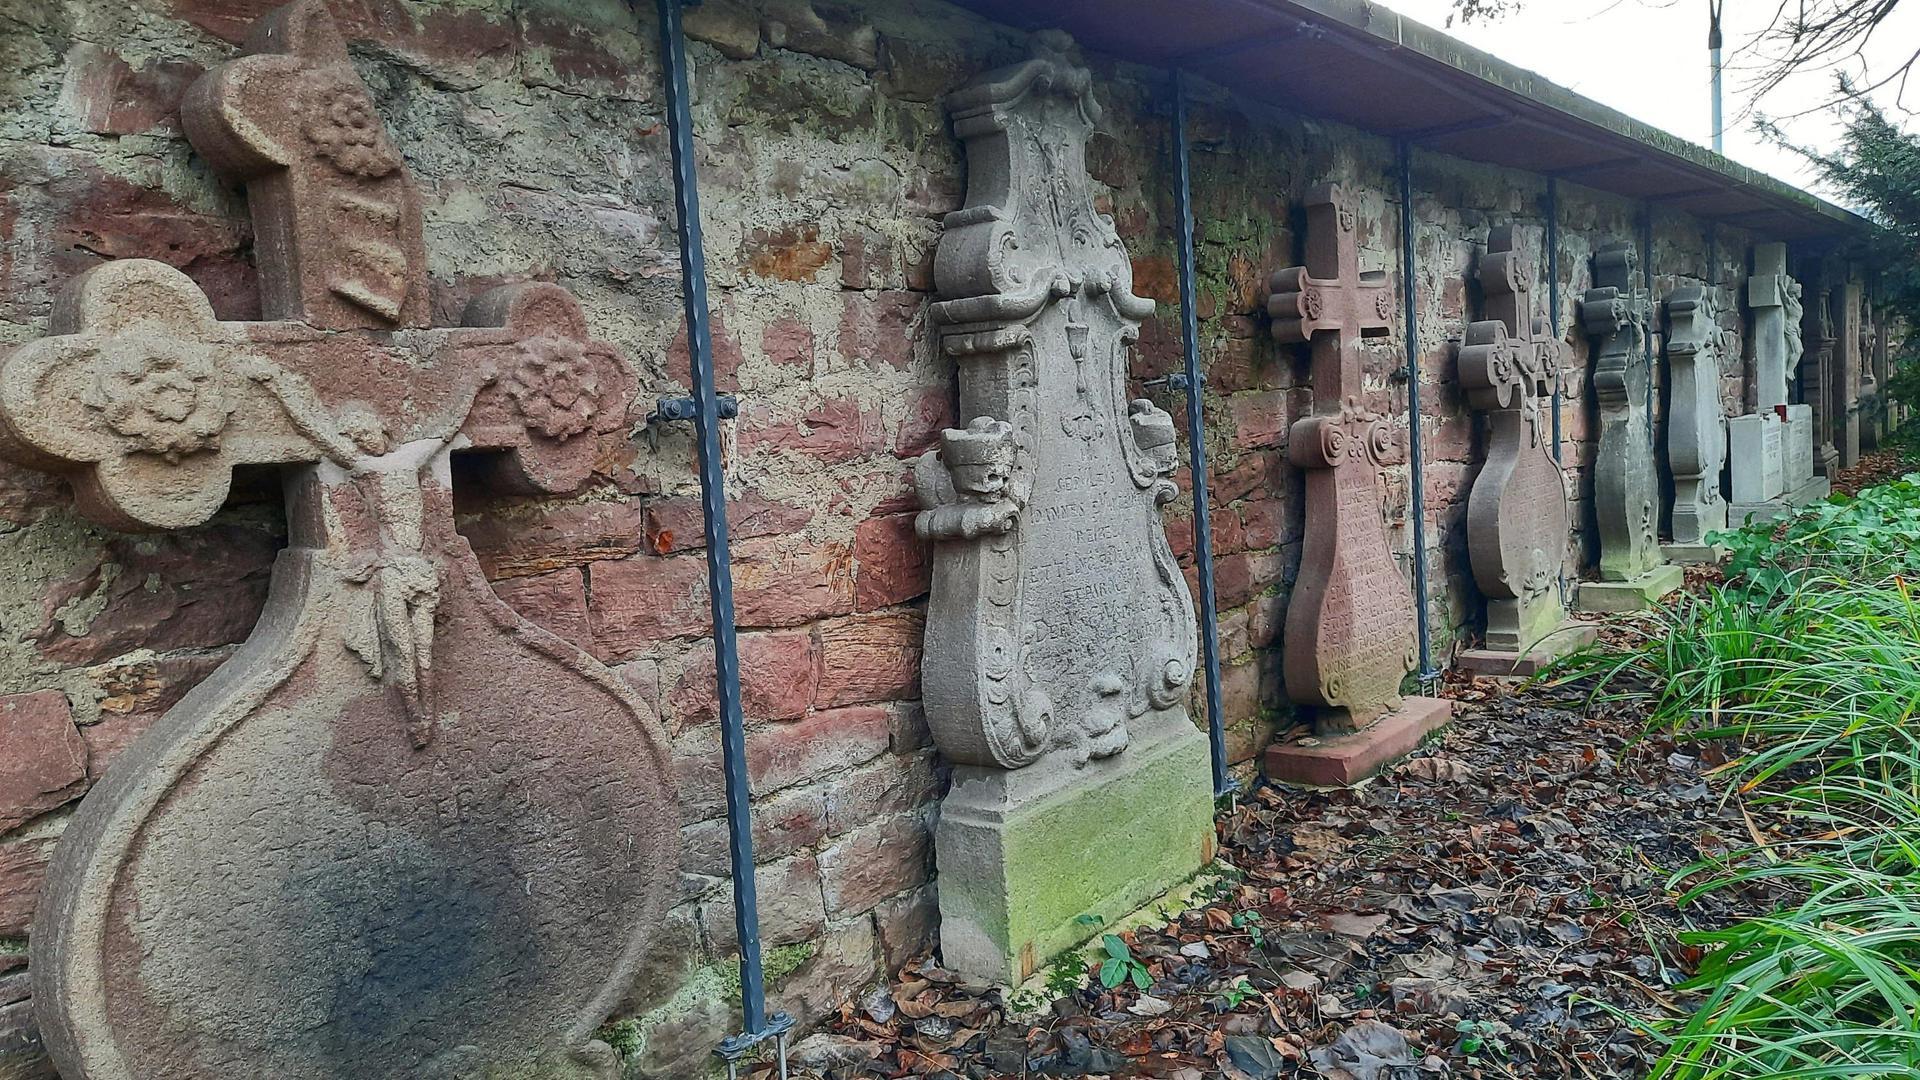 Alte Grabsteine auf Wiesengrundstück